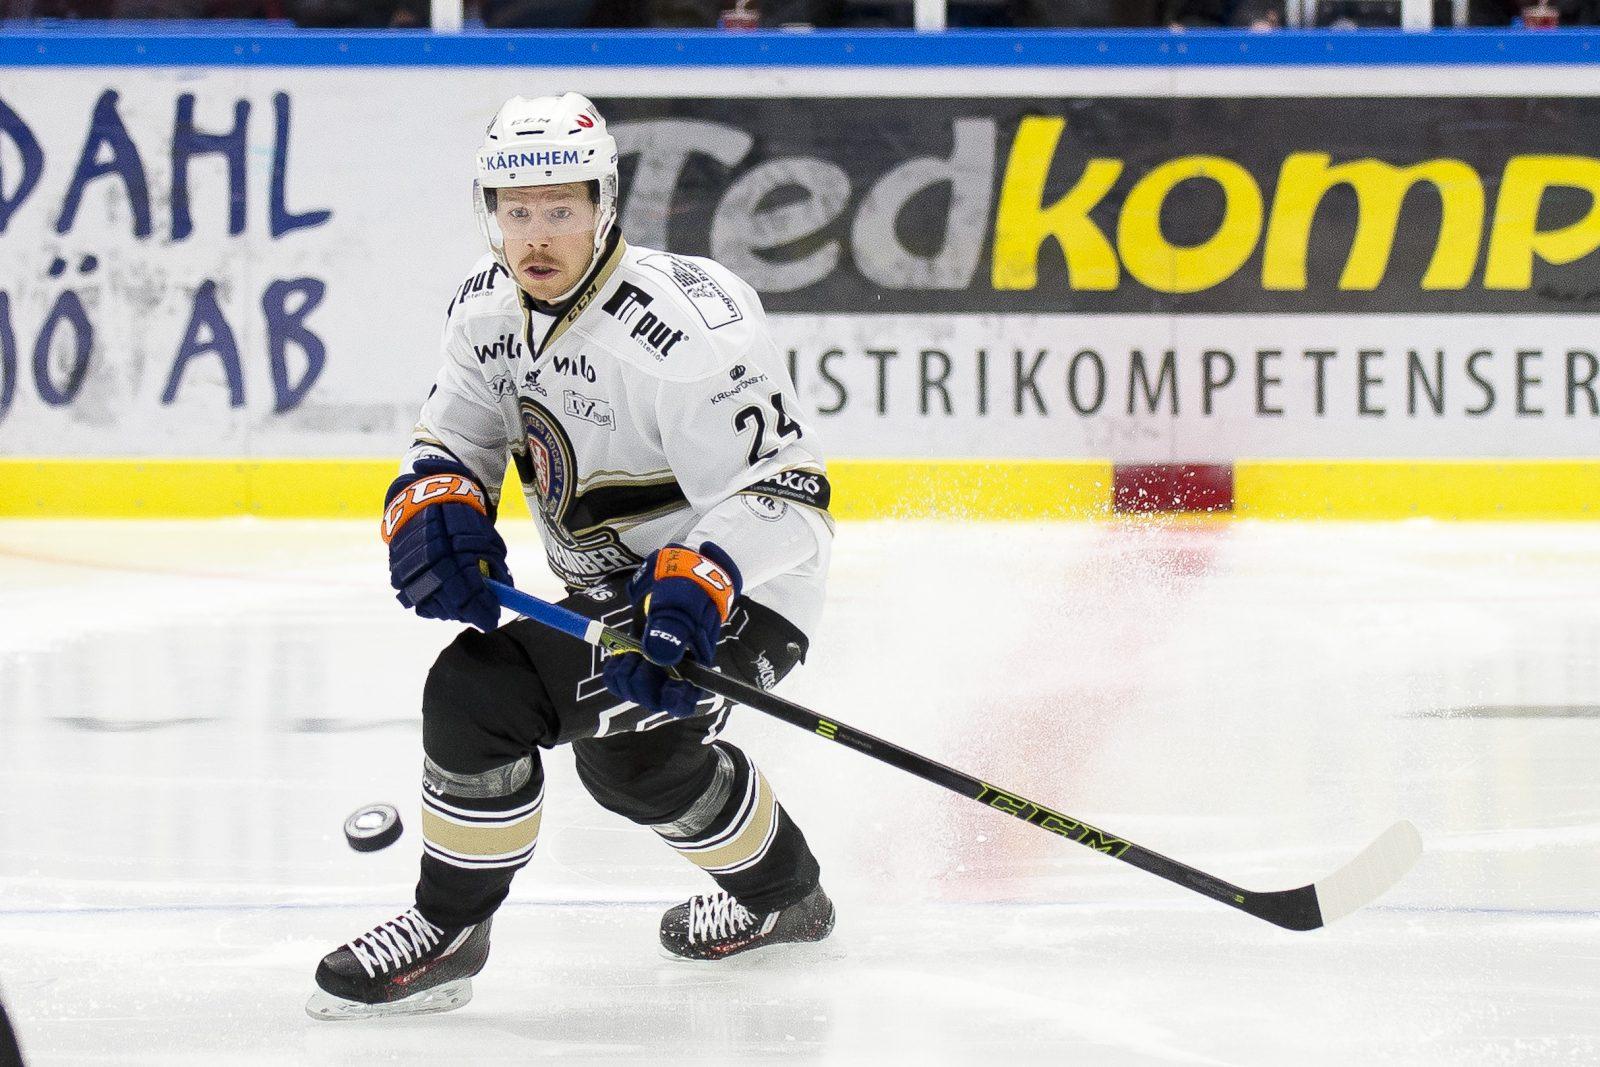 Joakim Hillding hamnat utanför laget i Lukko – osäker framtid i finska klubben